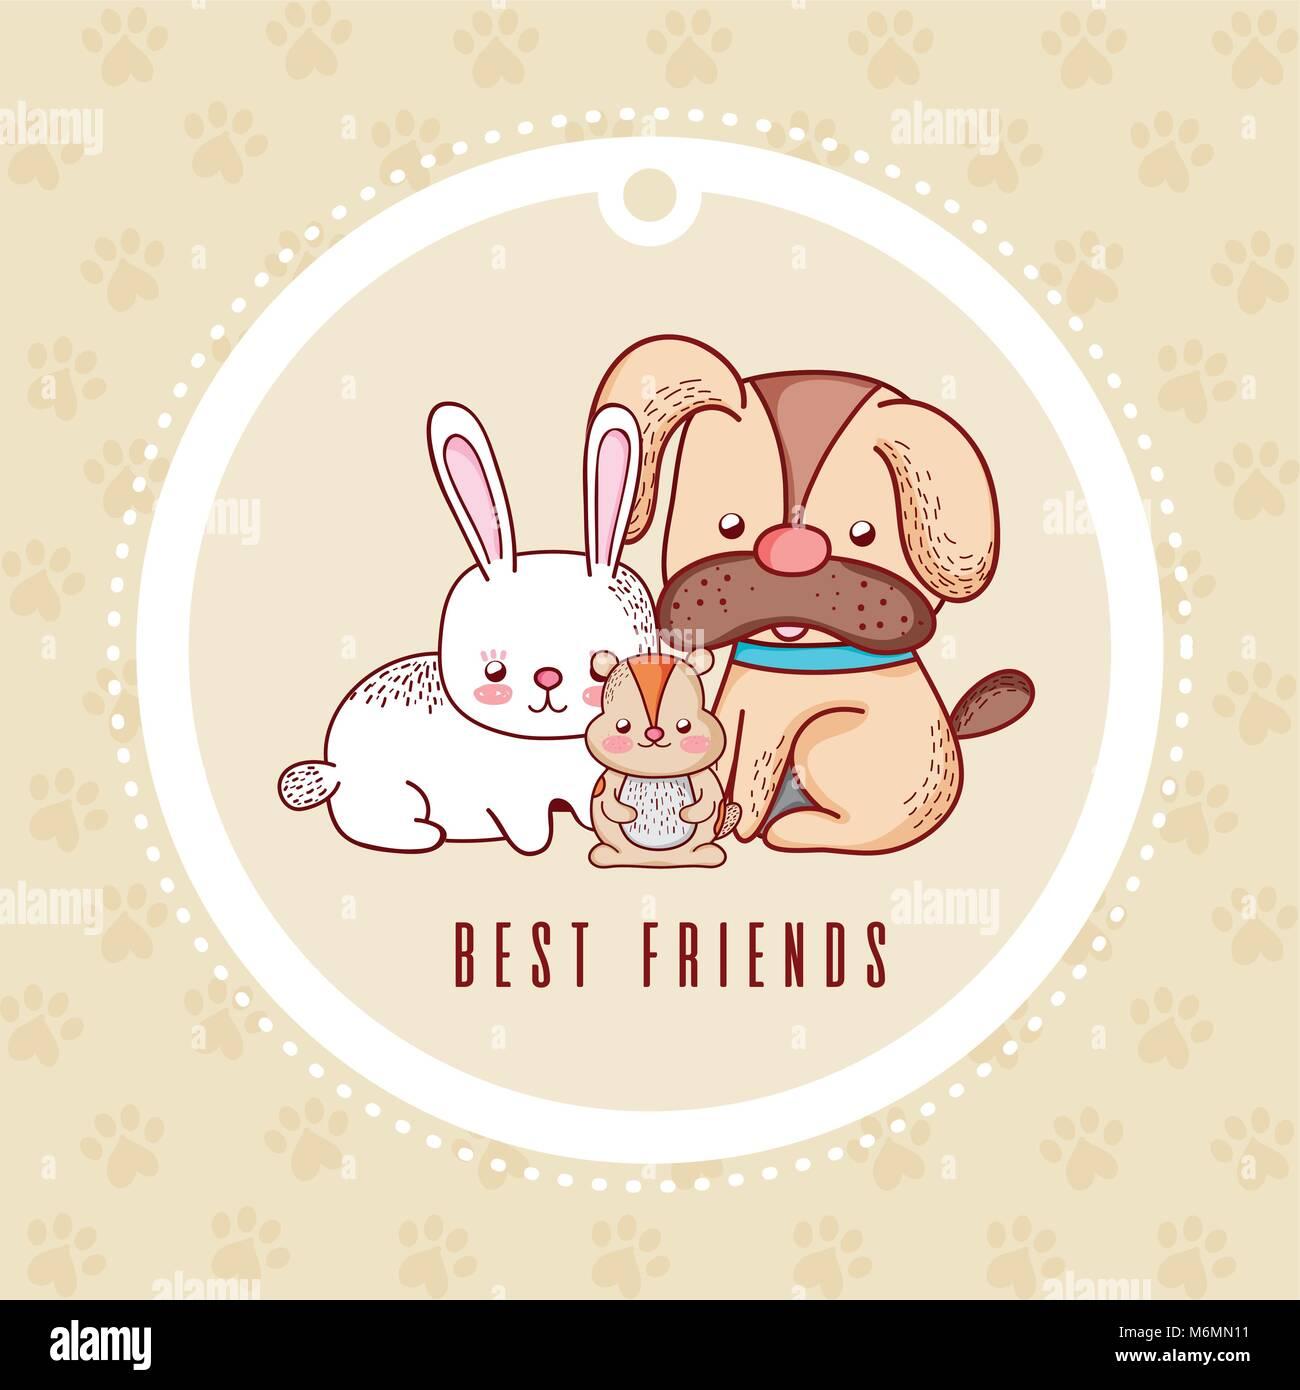 Mejores Amigos Tarjeta Con Mascotas Caricatura Ilustración Vectorial